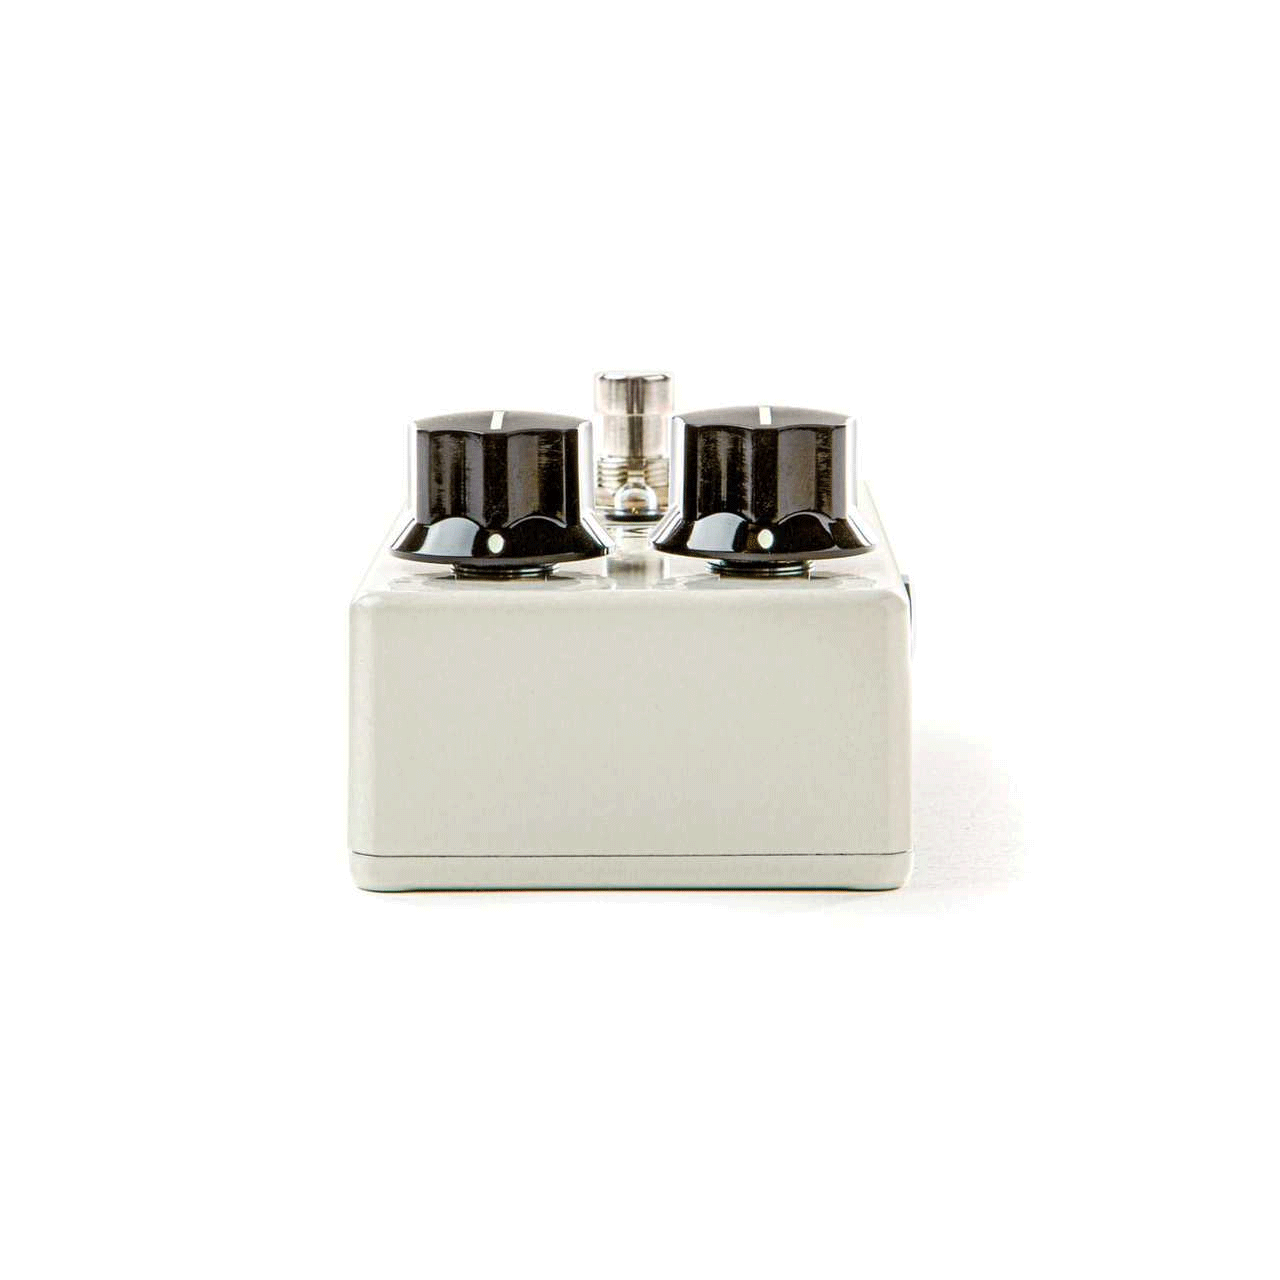 MXR M-267 Octavio Fuzz pedal